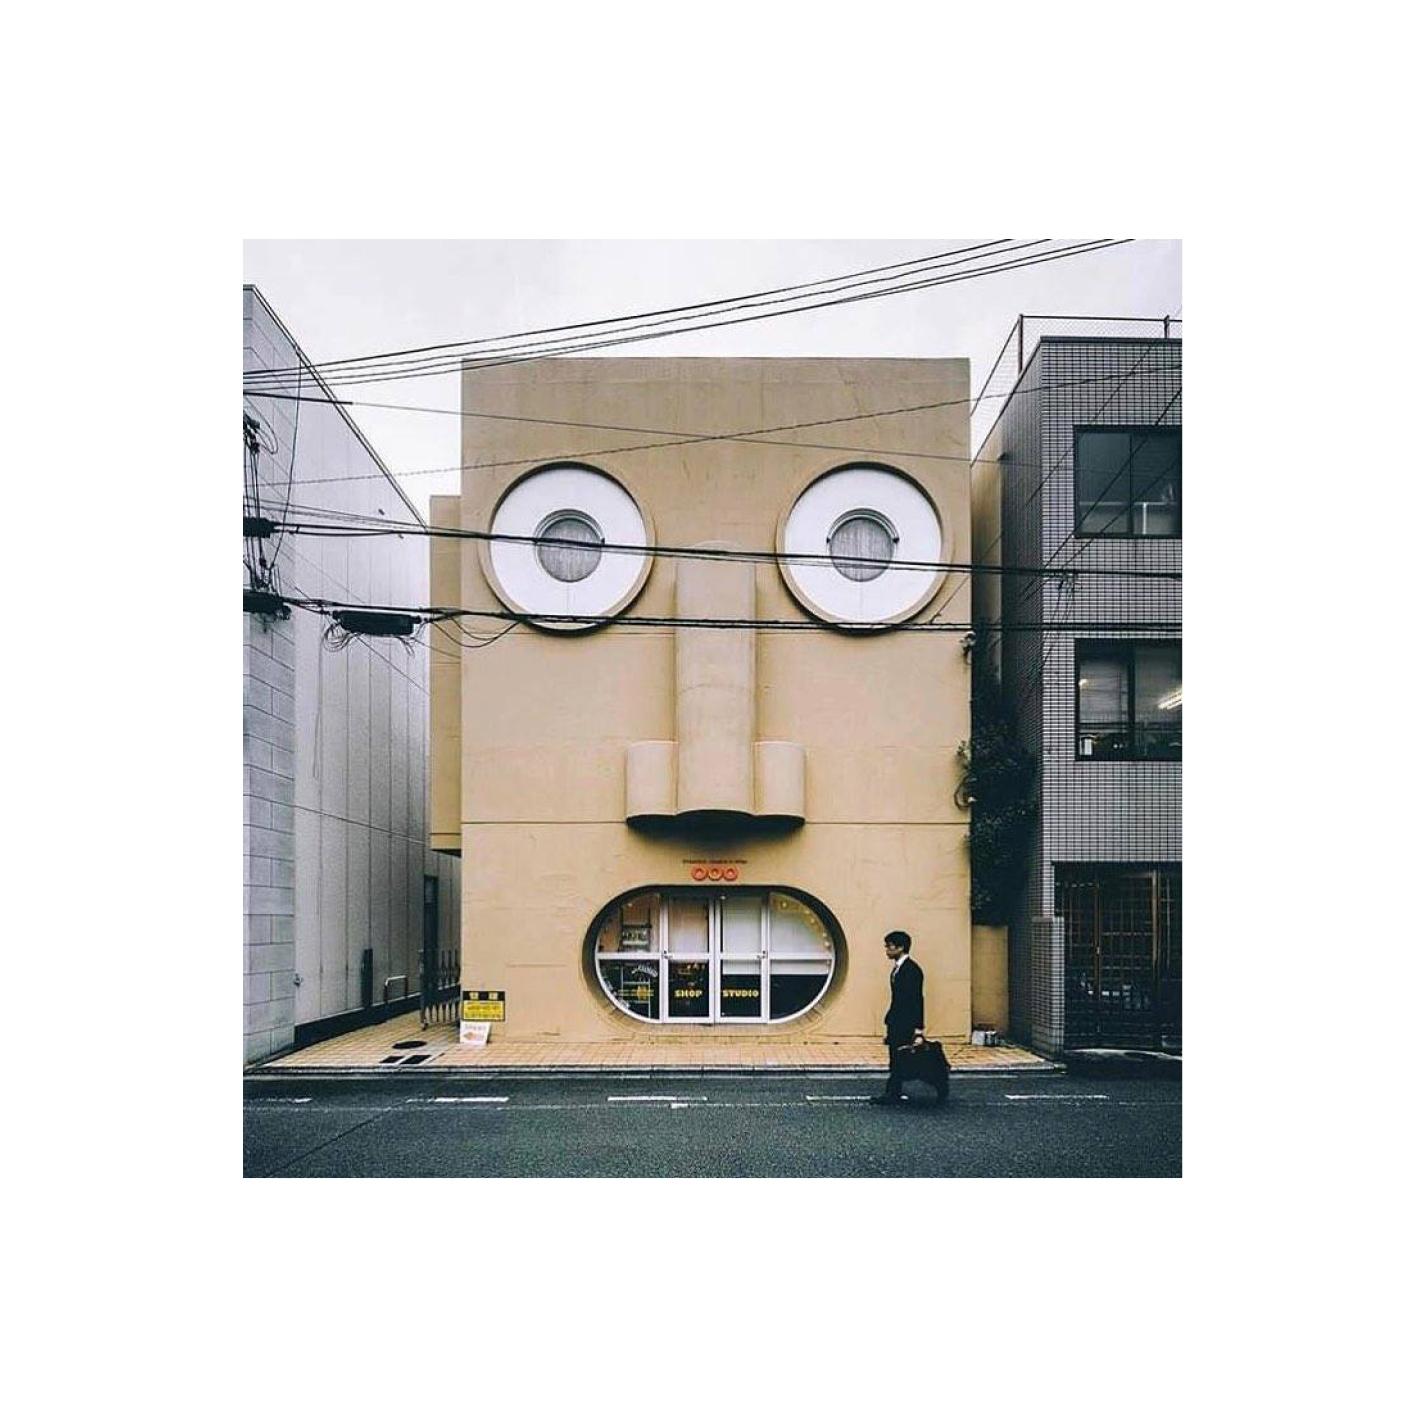 Kazumasa Yamashita, Face House in Kyoto, Japan (1974)